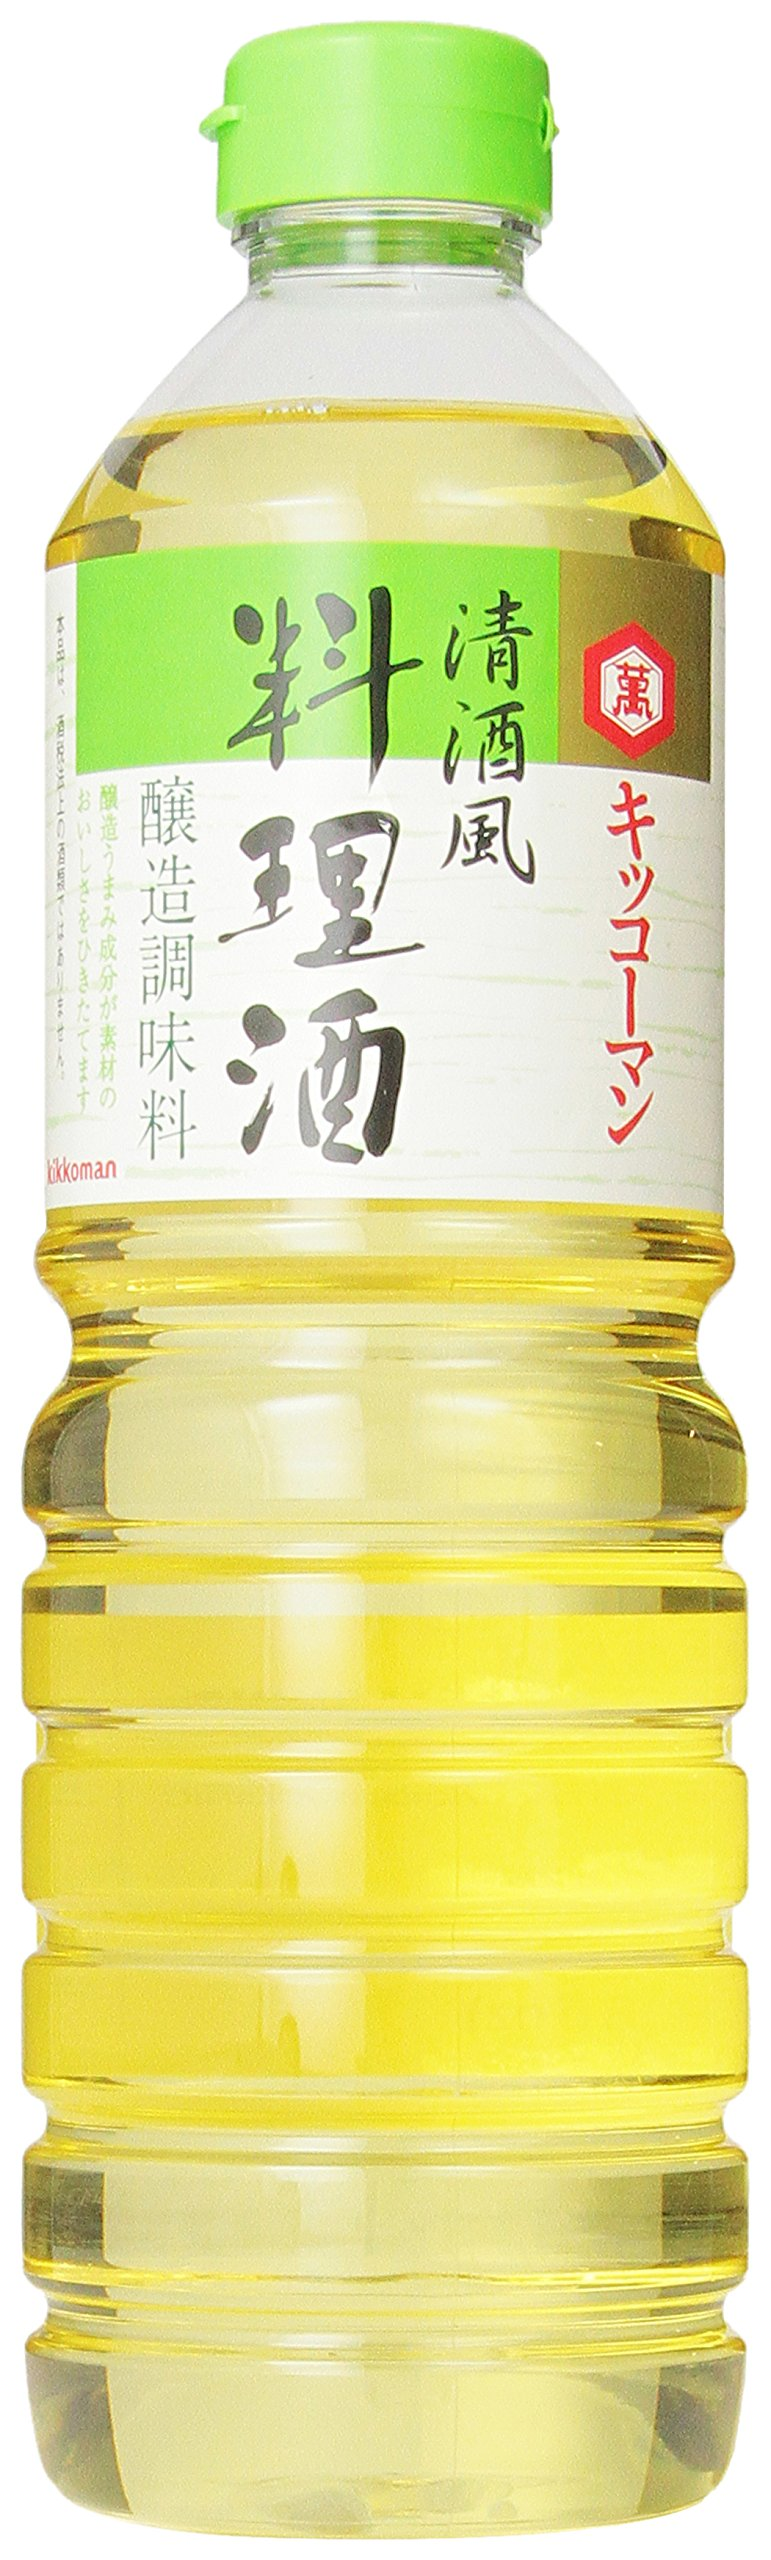 Kikkoman Ryorishi Cooking Sake Seasoning, 33.8-Ounce (Pack of 3) by Kikkoman